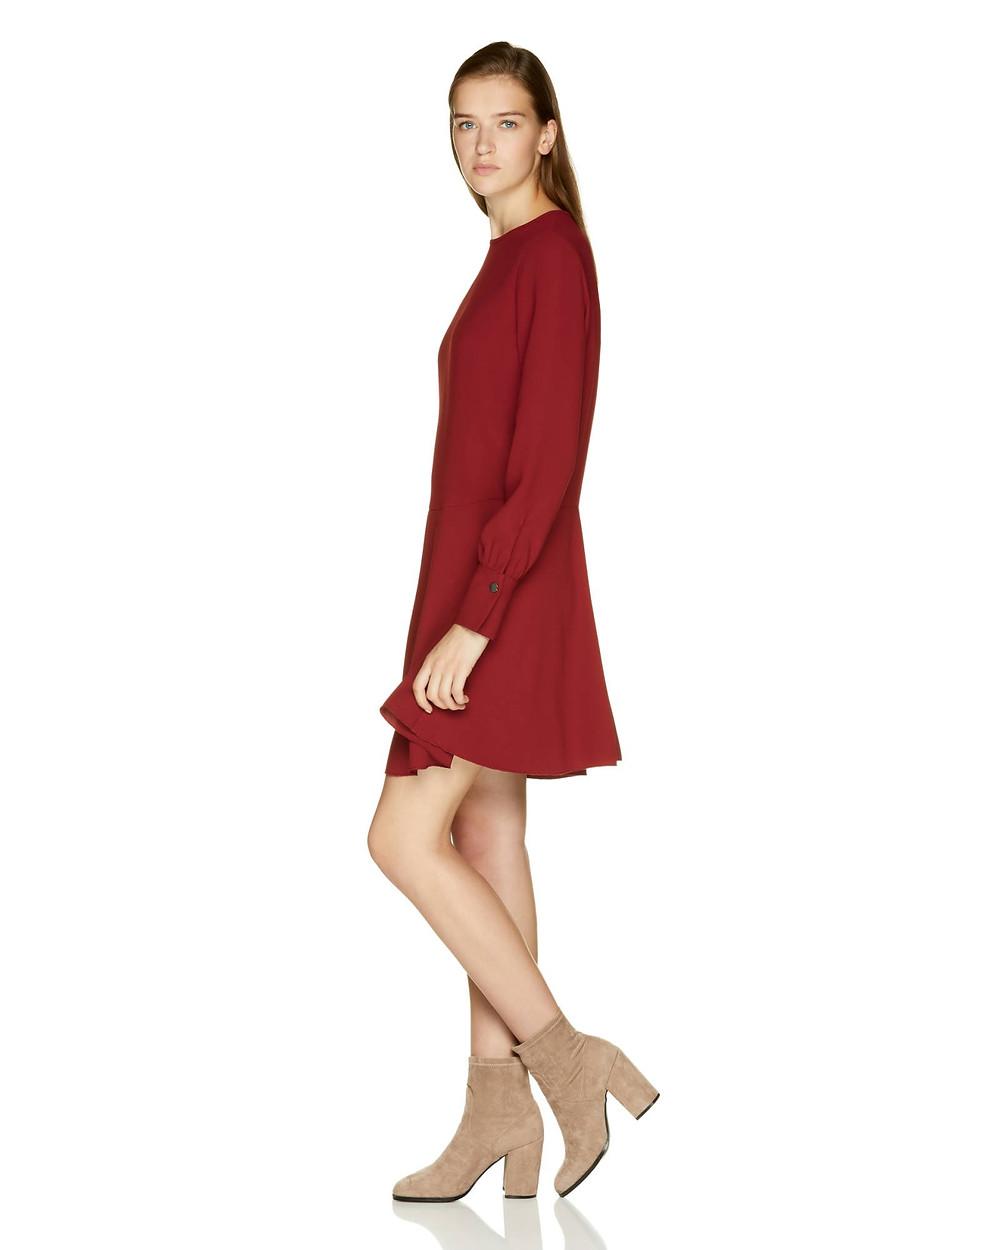 φόρεμα σε κατάστημα της Νέας Μάκρης / μαραθώνα